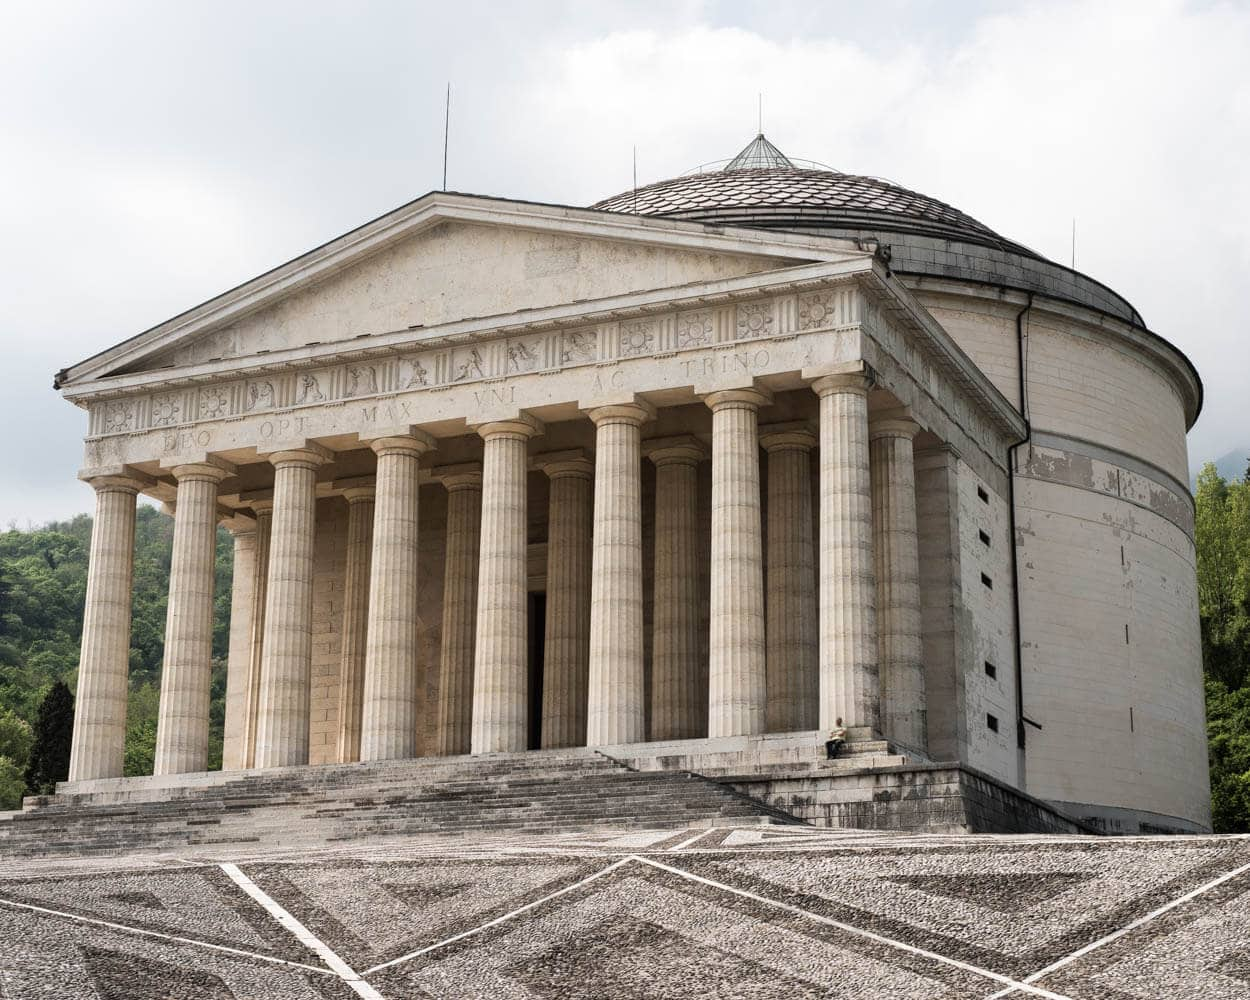 Canova's Temple in Possagno